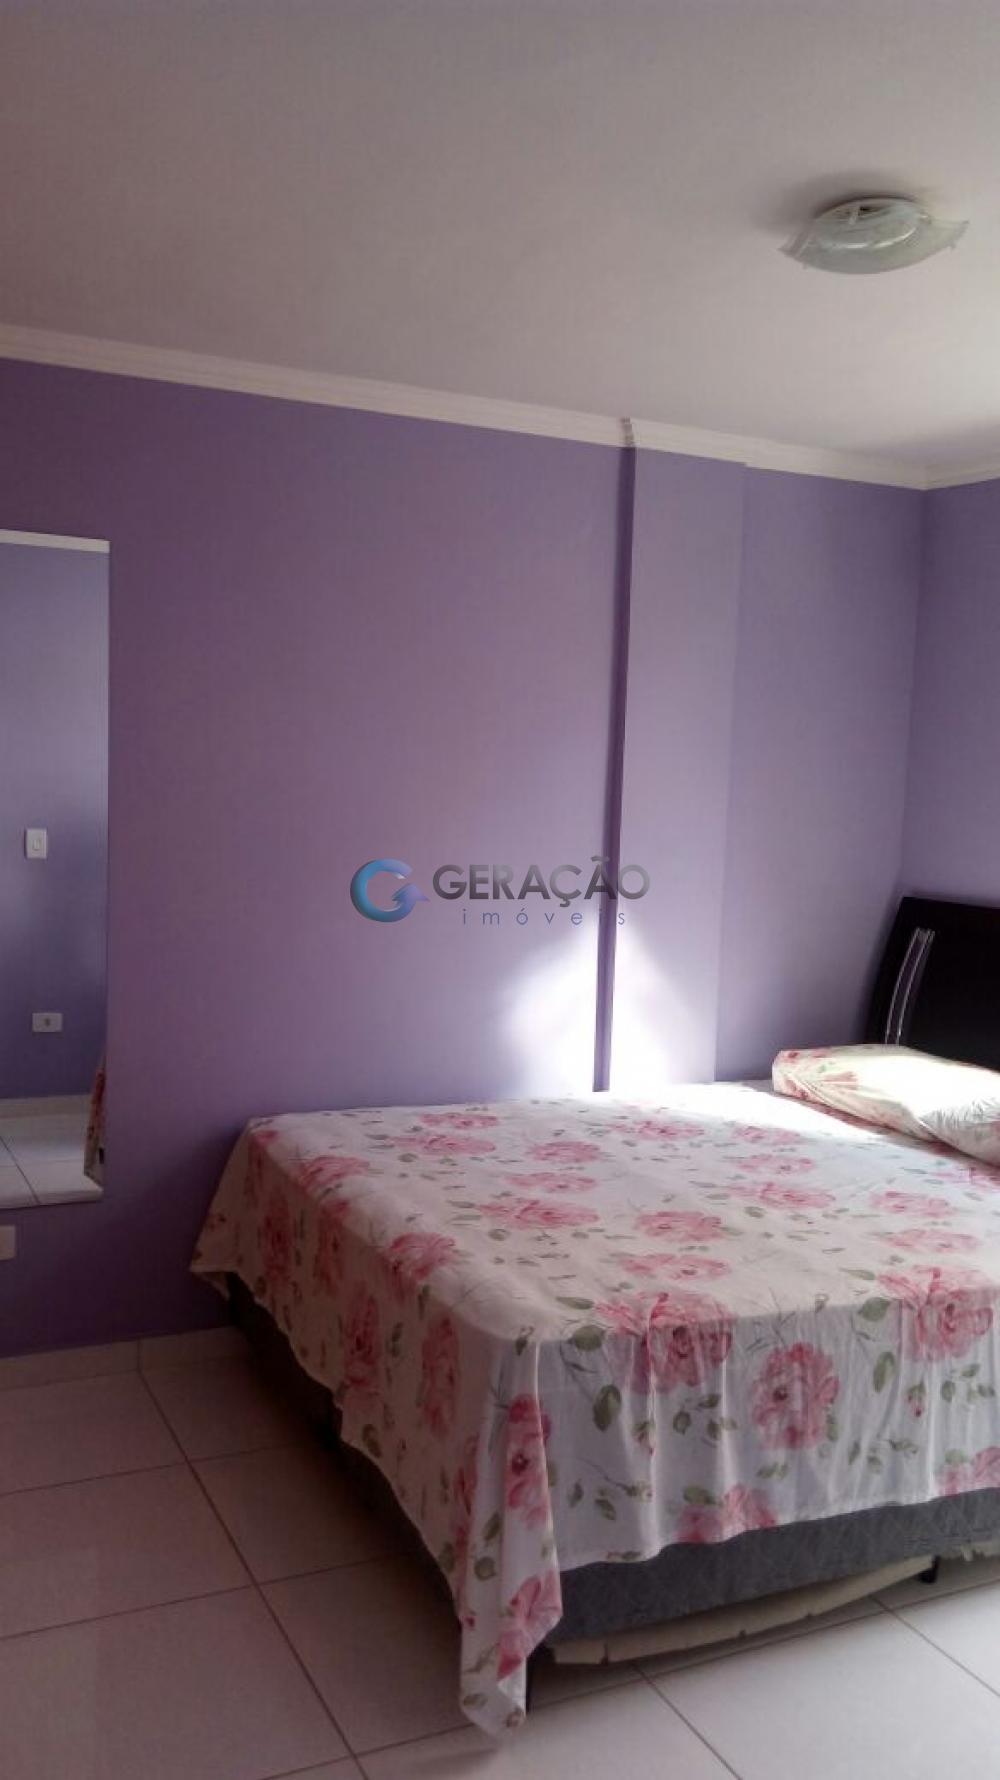 Comprar Apartamento / Padrão em São José dos Campos R$ 185.000,00 - Foto 10